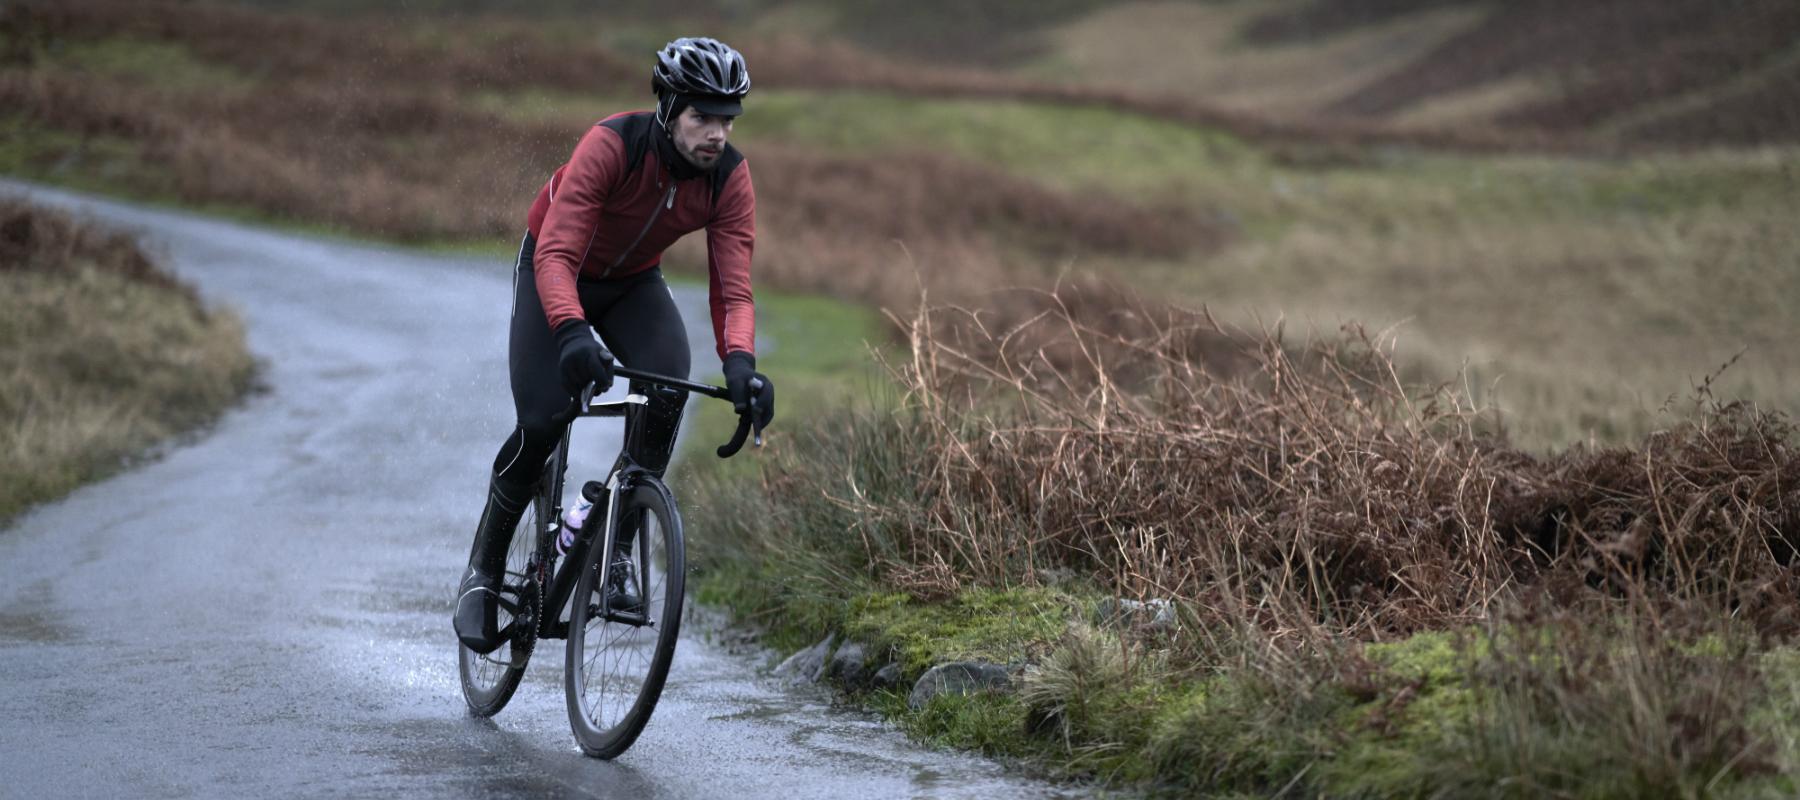 6 fordele ved cykling givet af OL-atlet Bryan Steel